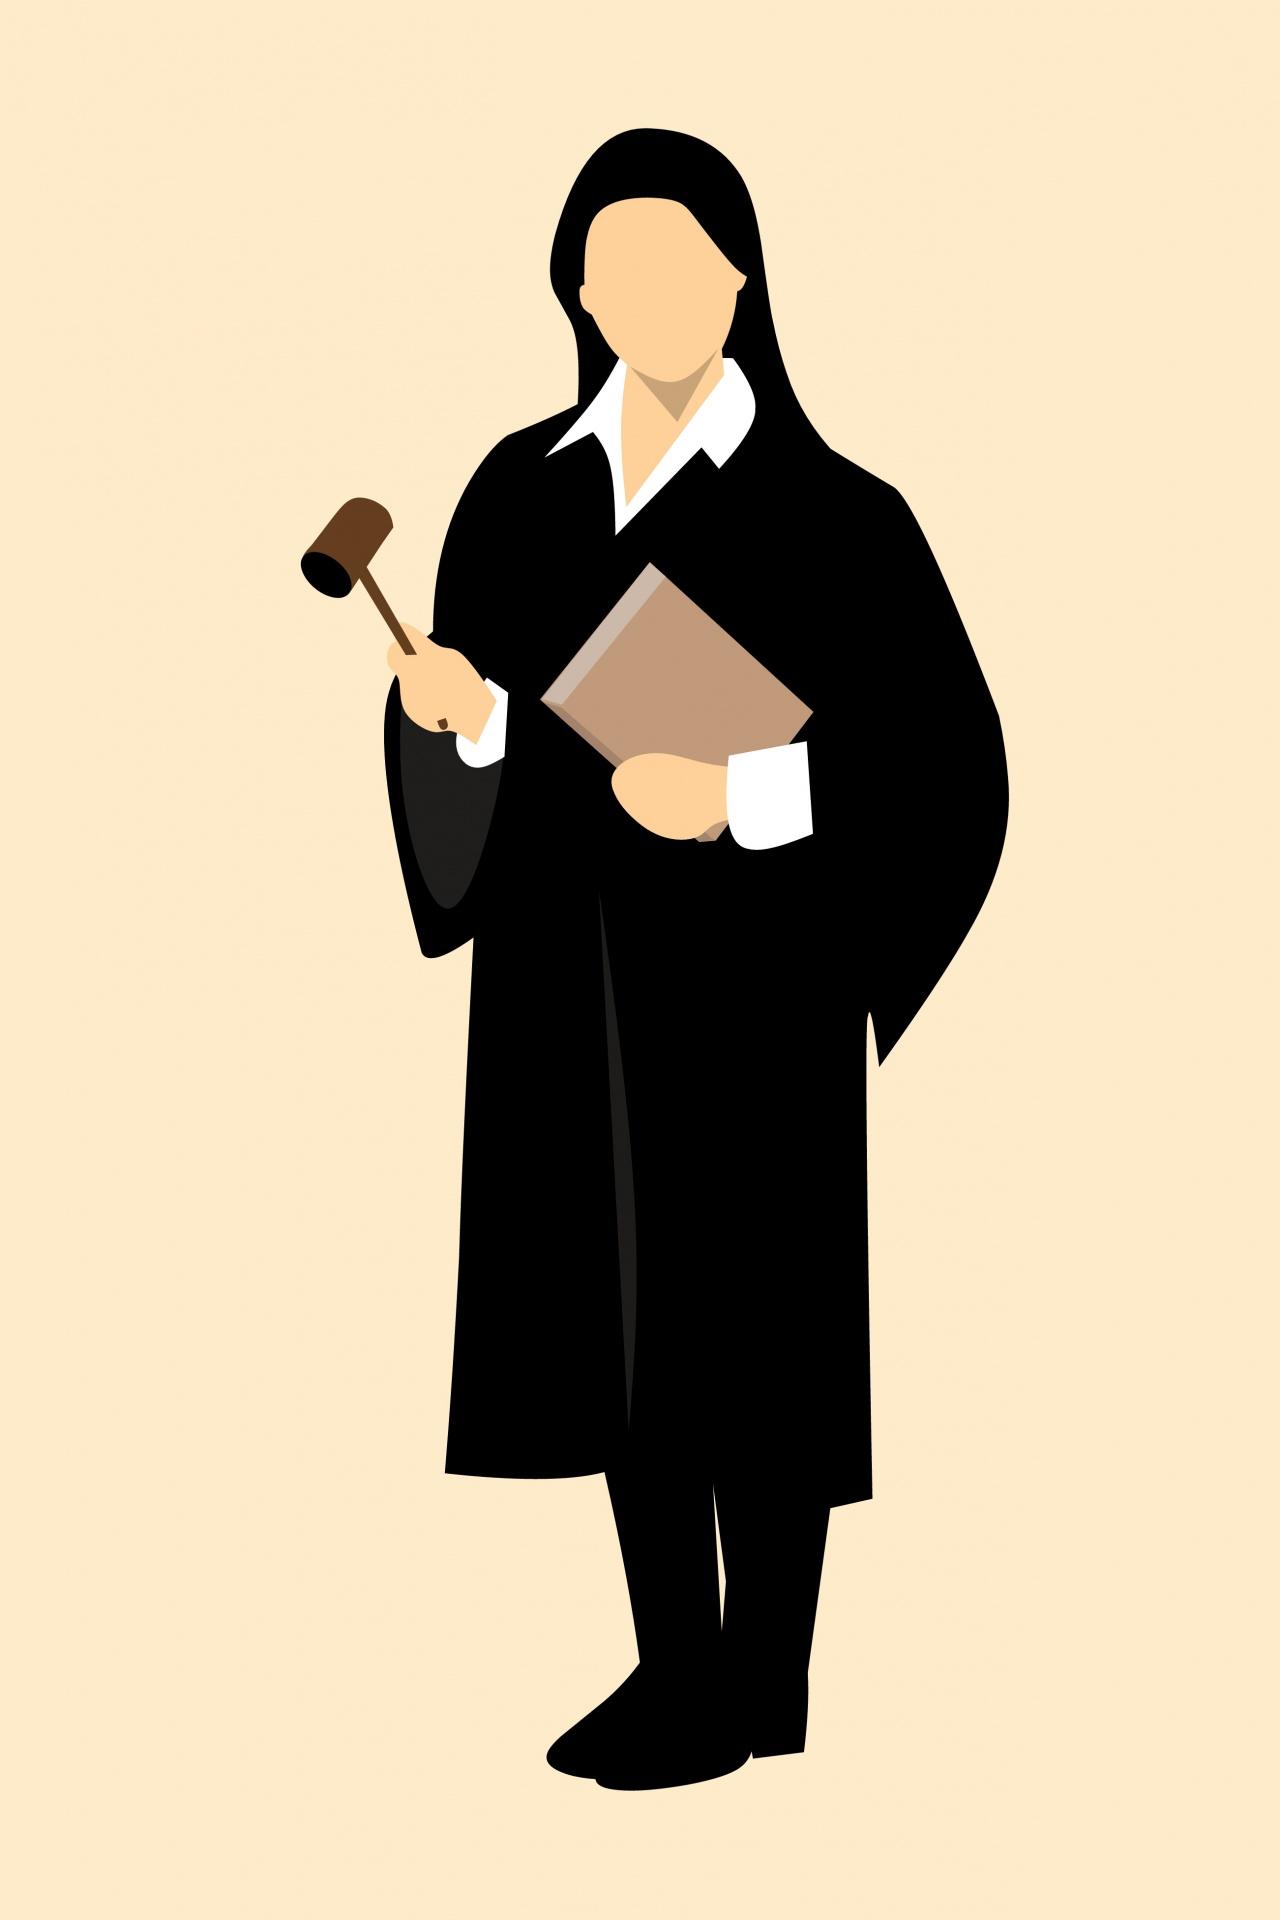 4 Reasons a Judge May Deny Bail